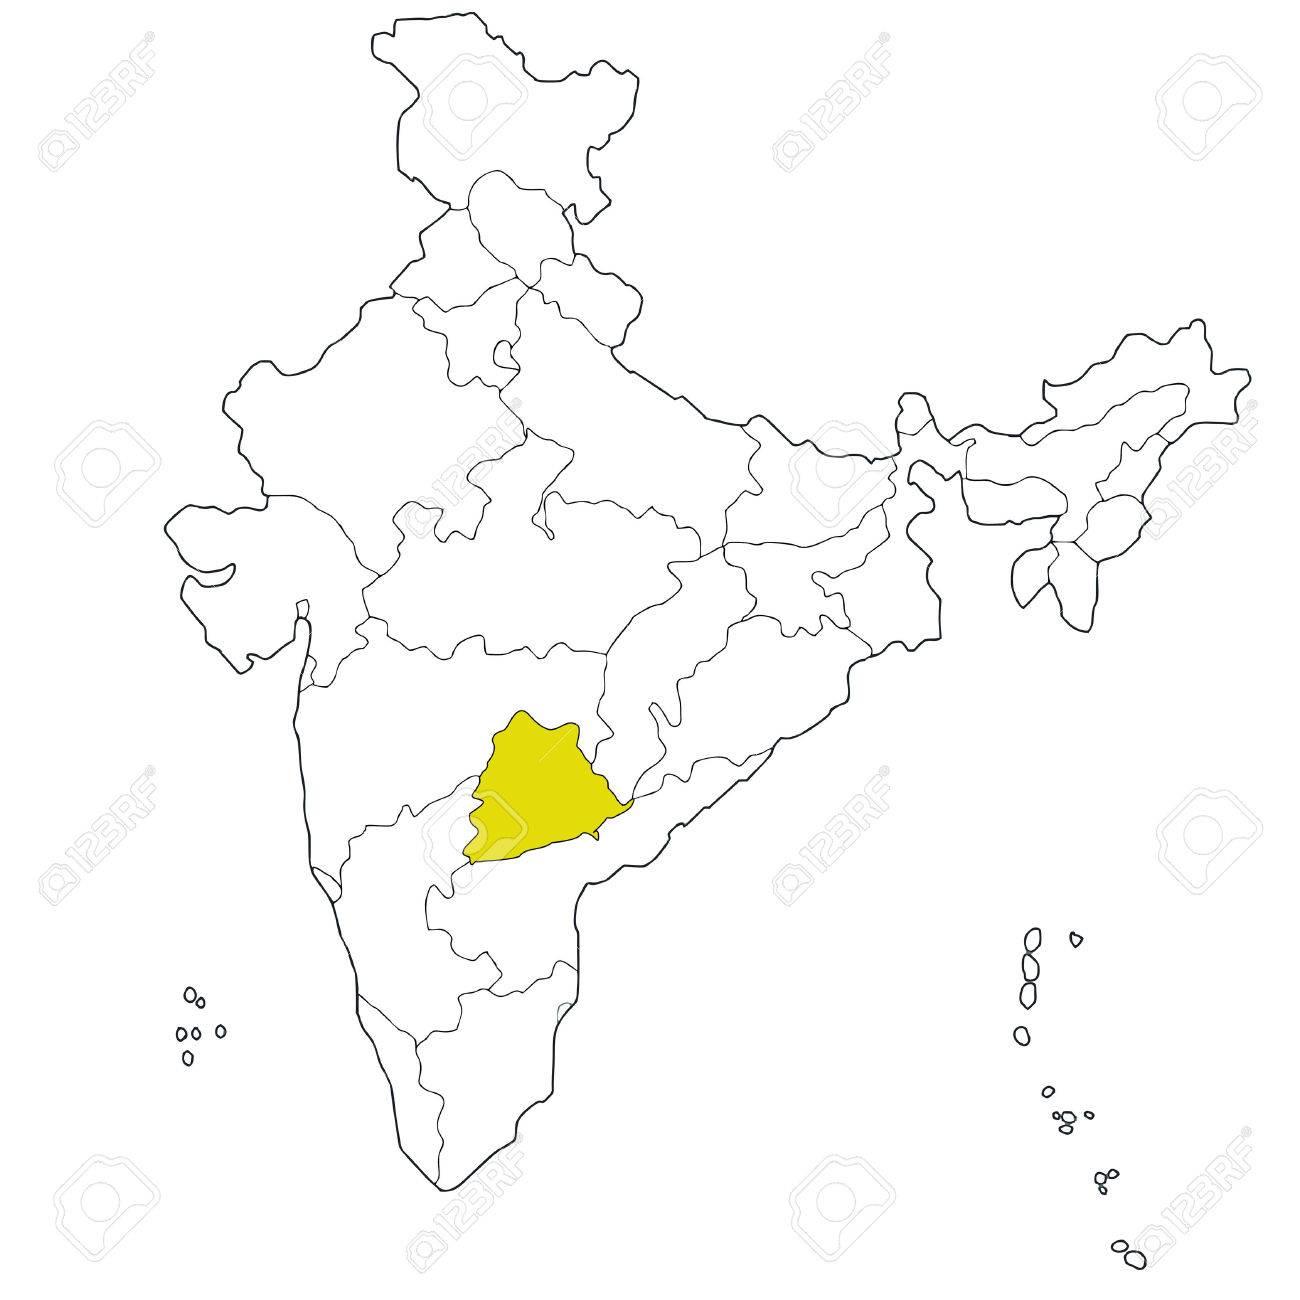 Carte Du Sud Est De Linde.Nouvel Etat Du Sud Est Telangana Sur La Carte De L Inde Clip Art